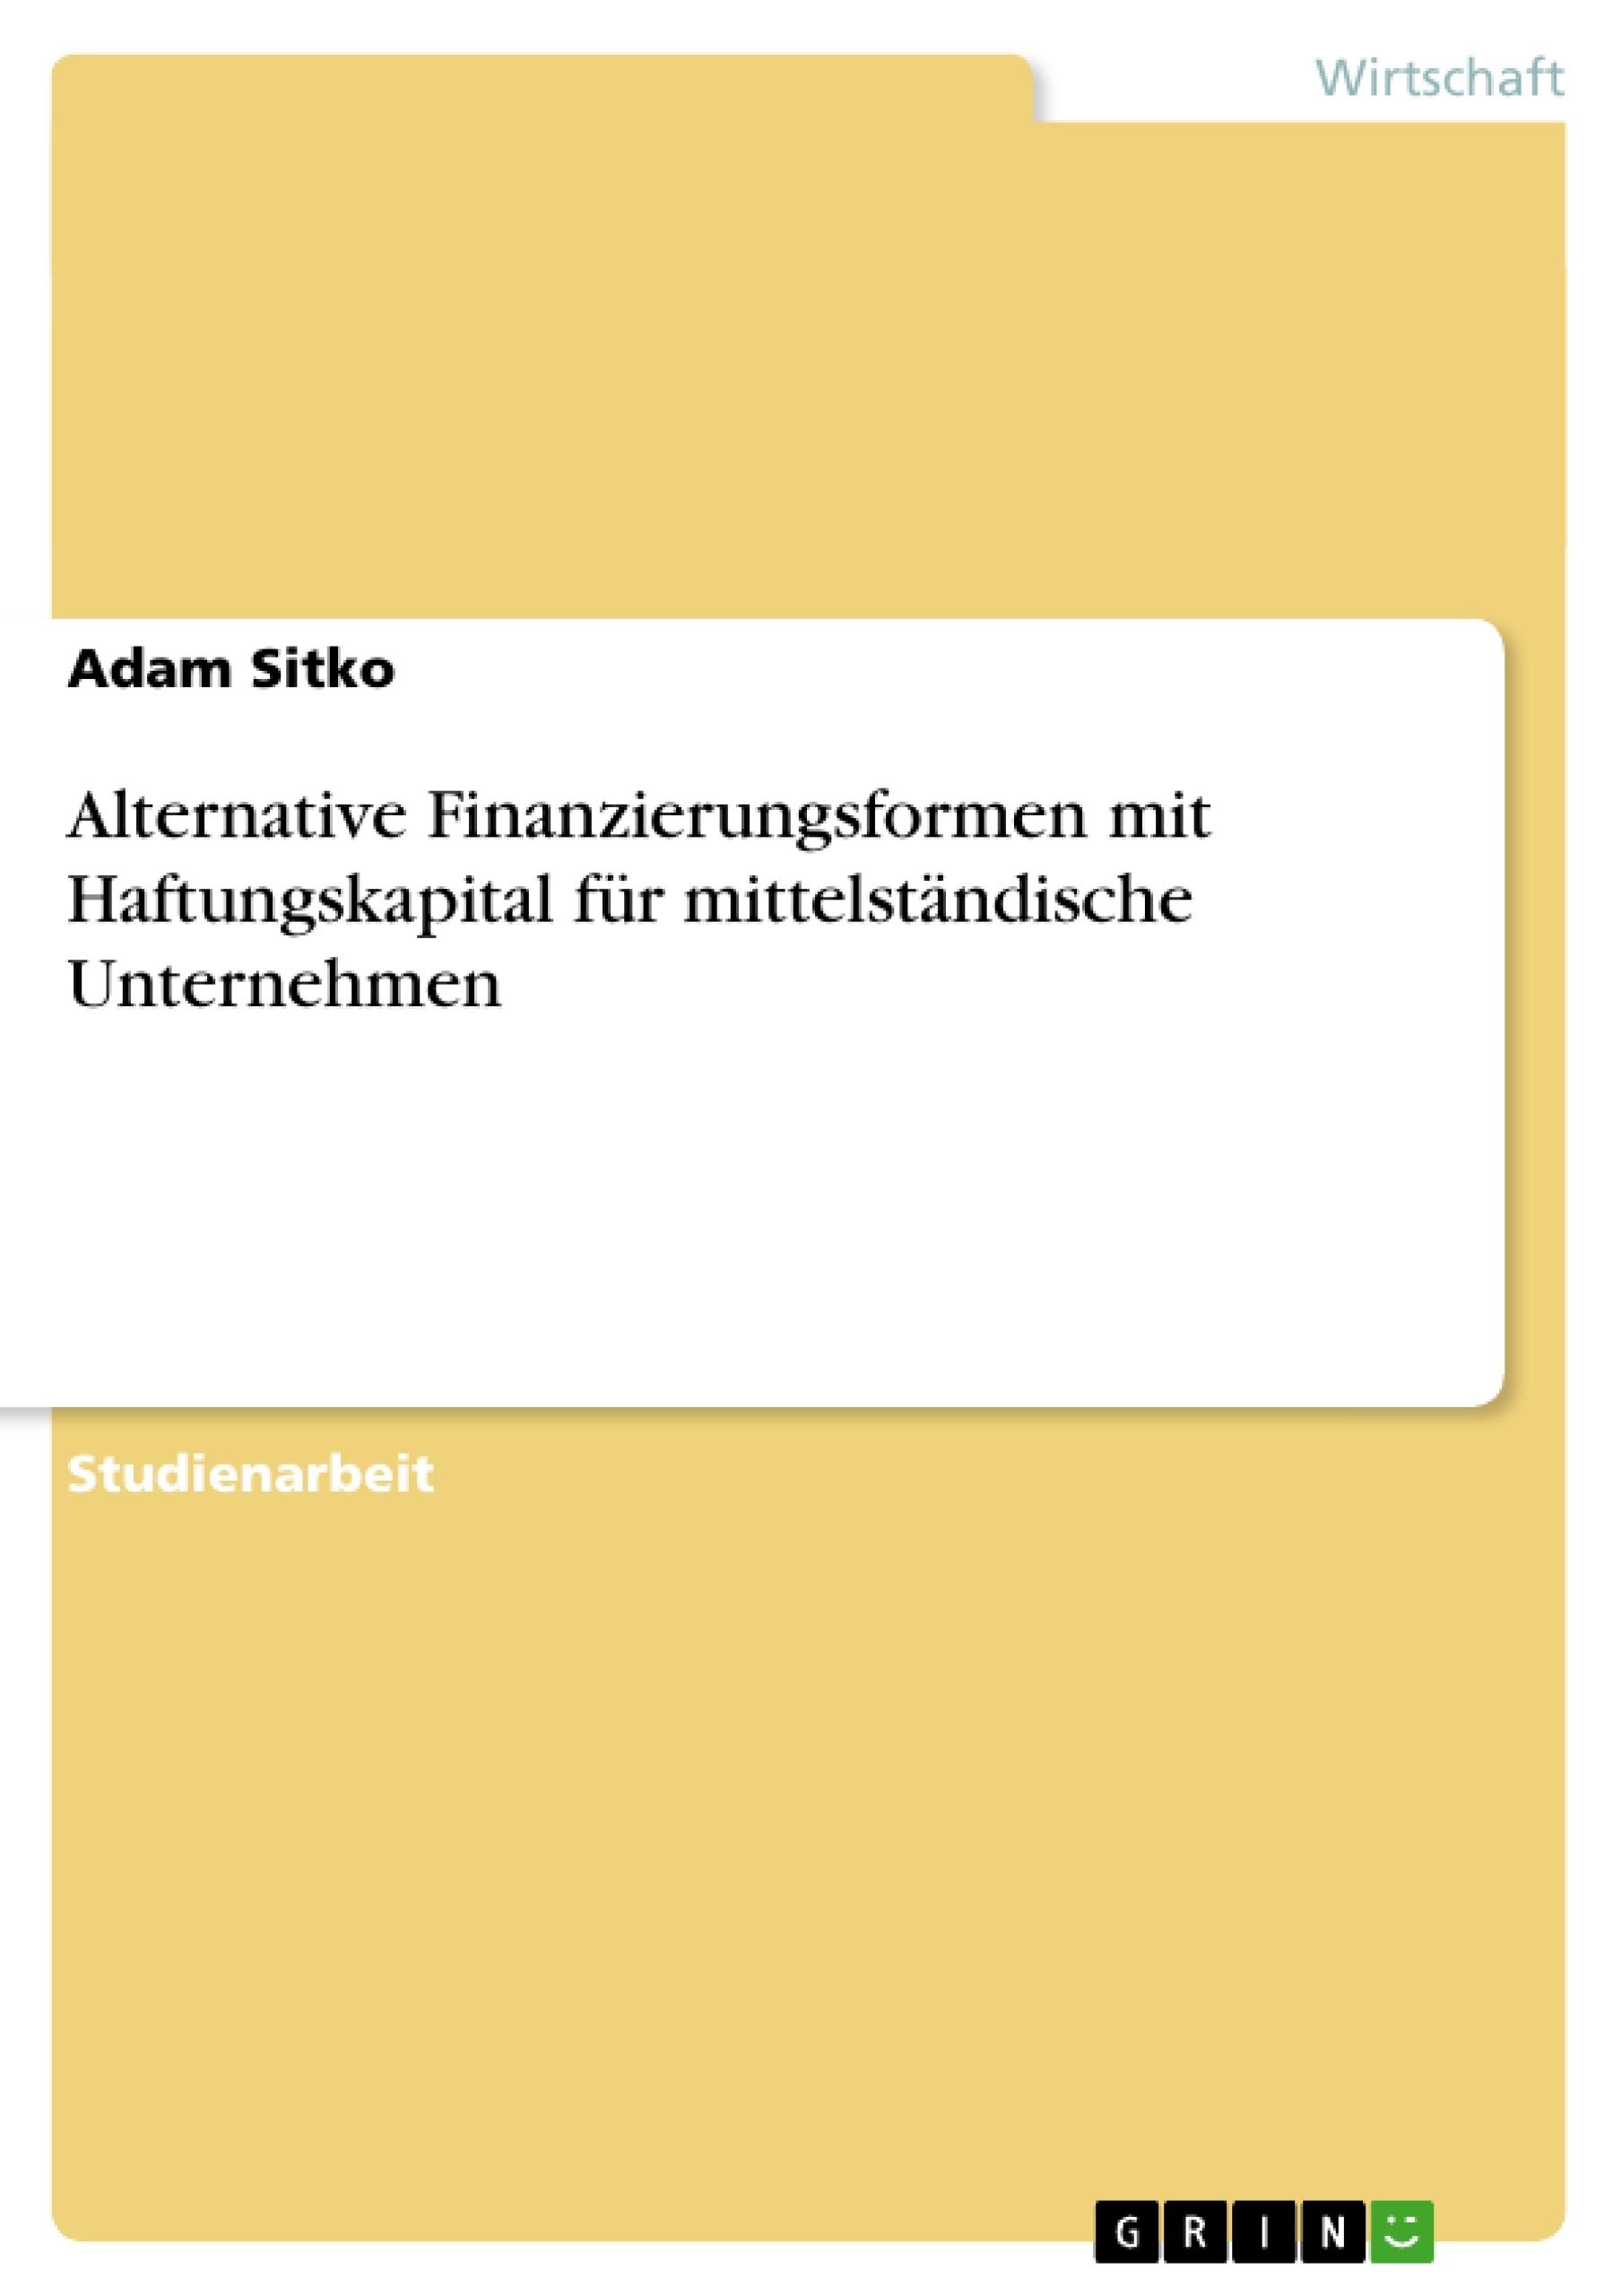 Titel: Alternative Finanzierungsformen mit Haftungskapital für mittelständische Unternehmen